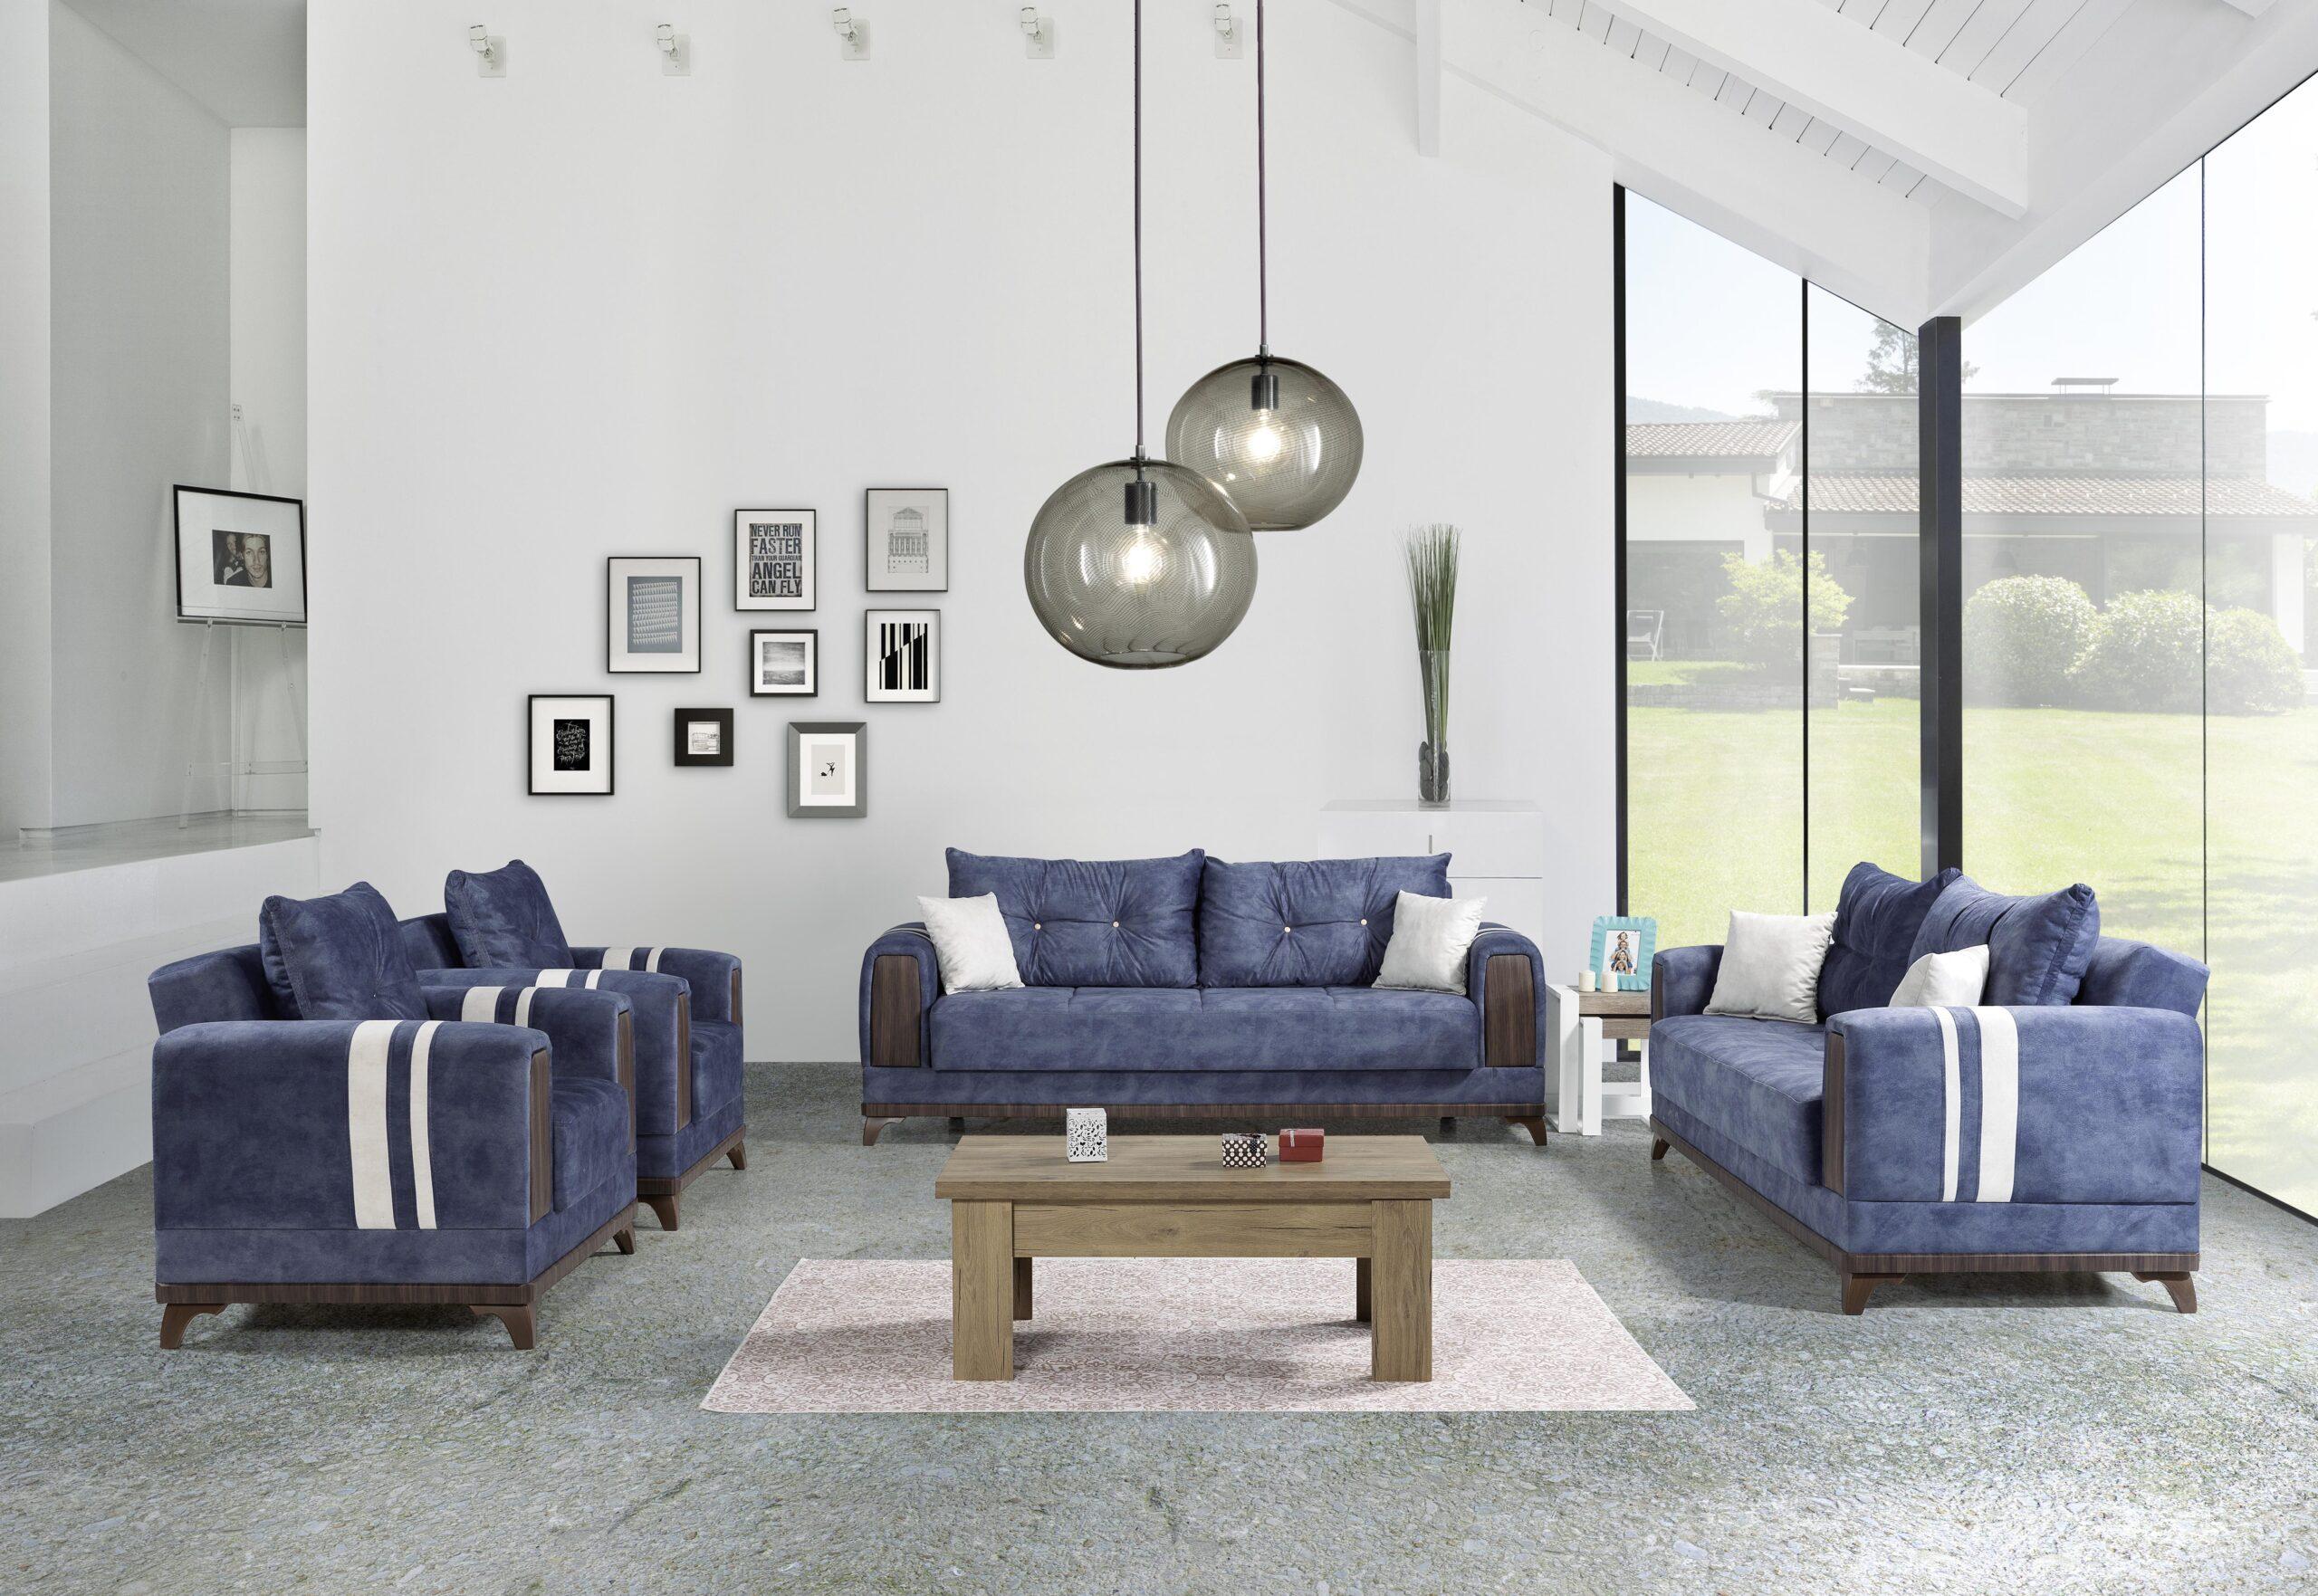 Full Size of Sofa Garnitur 2 Teilig Gnstige Couch 3 Bett Mit Bettkasten 140x200 200x200 Weiß Holzfüßen Matratze Und Lattenrost 2er Ikea Schlaffunktion Boxspring Sofa Sofa Garnitur 2 Teilig